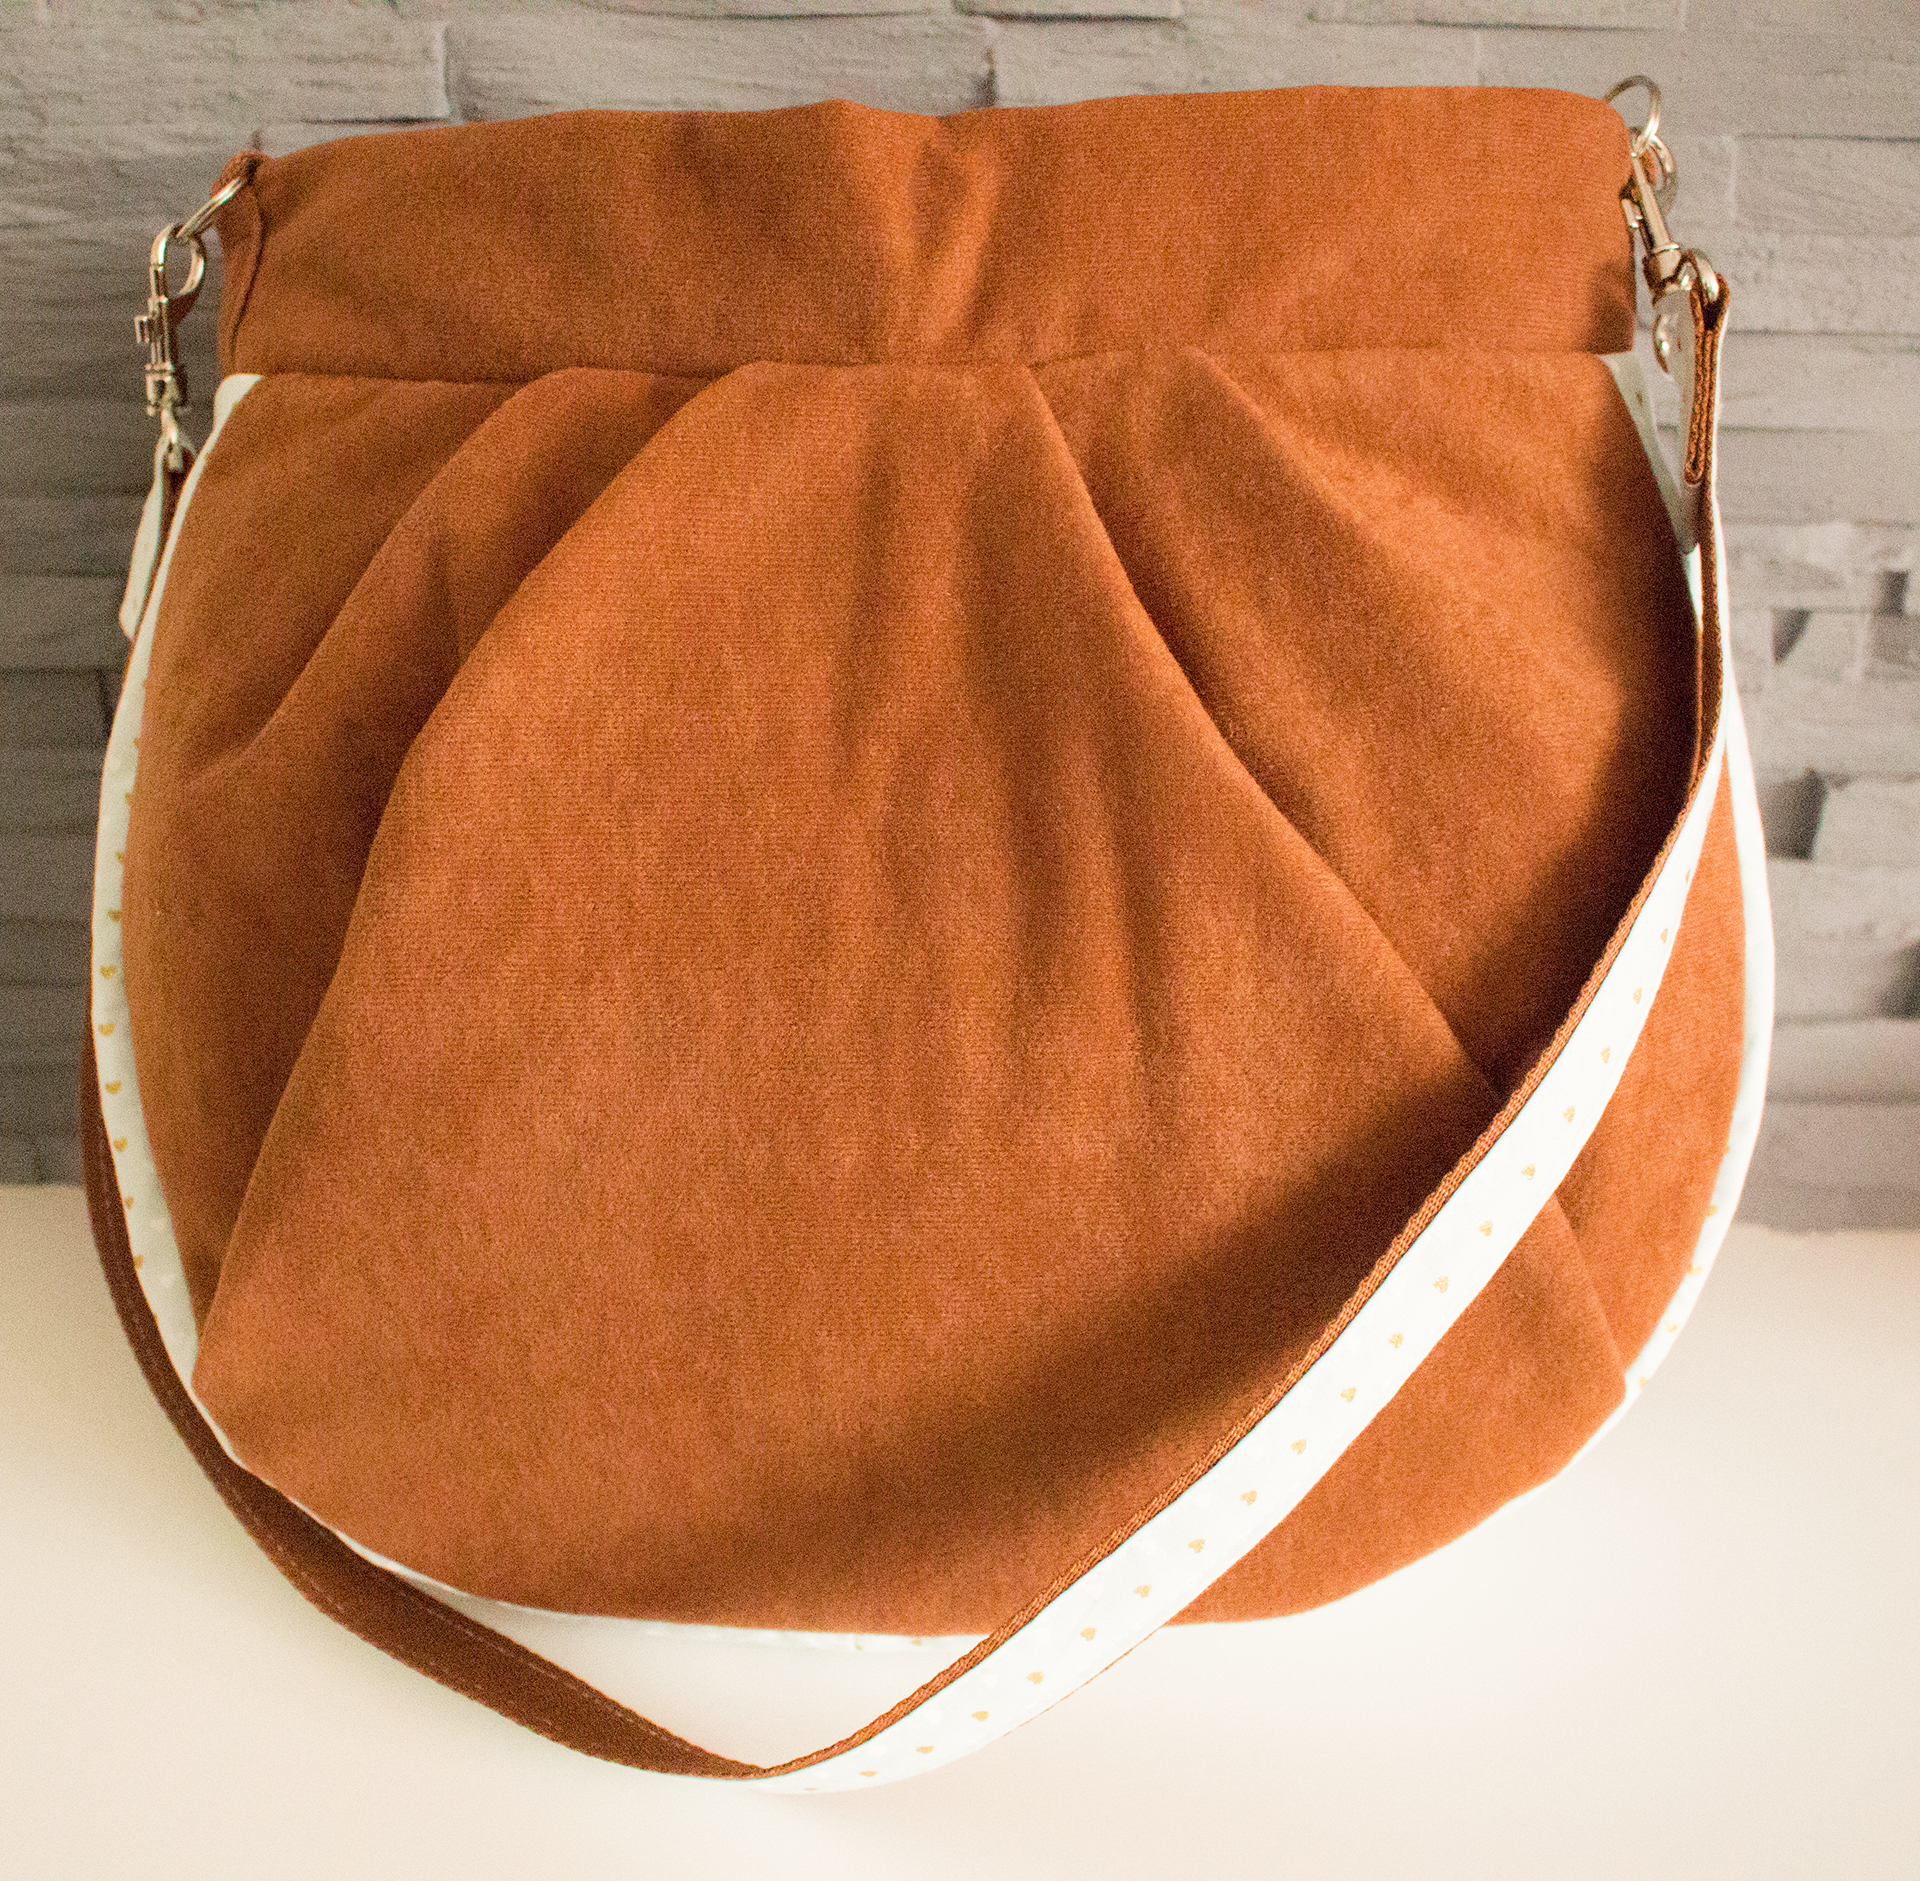 hobo bag eine l ssige tasche f r jeden tag lalafab. Black Bedroom Furniture Sets. Home Design Ideas